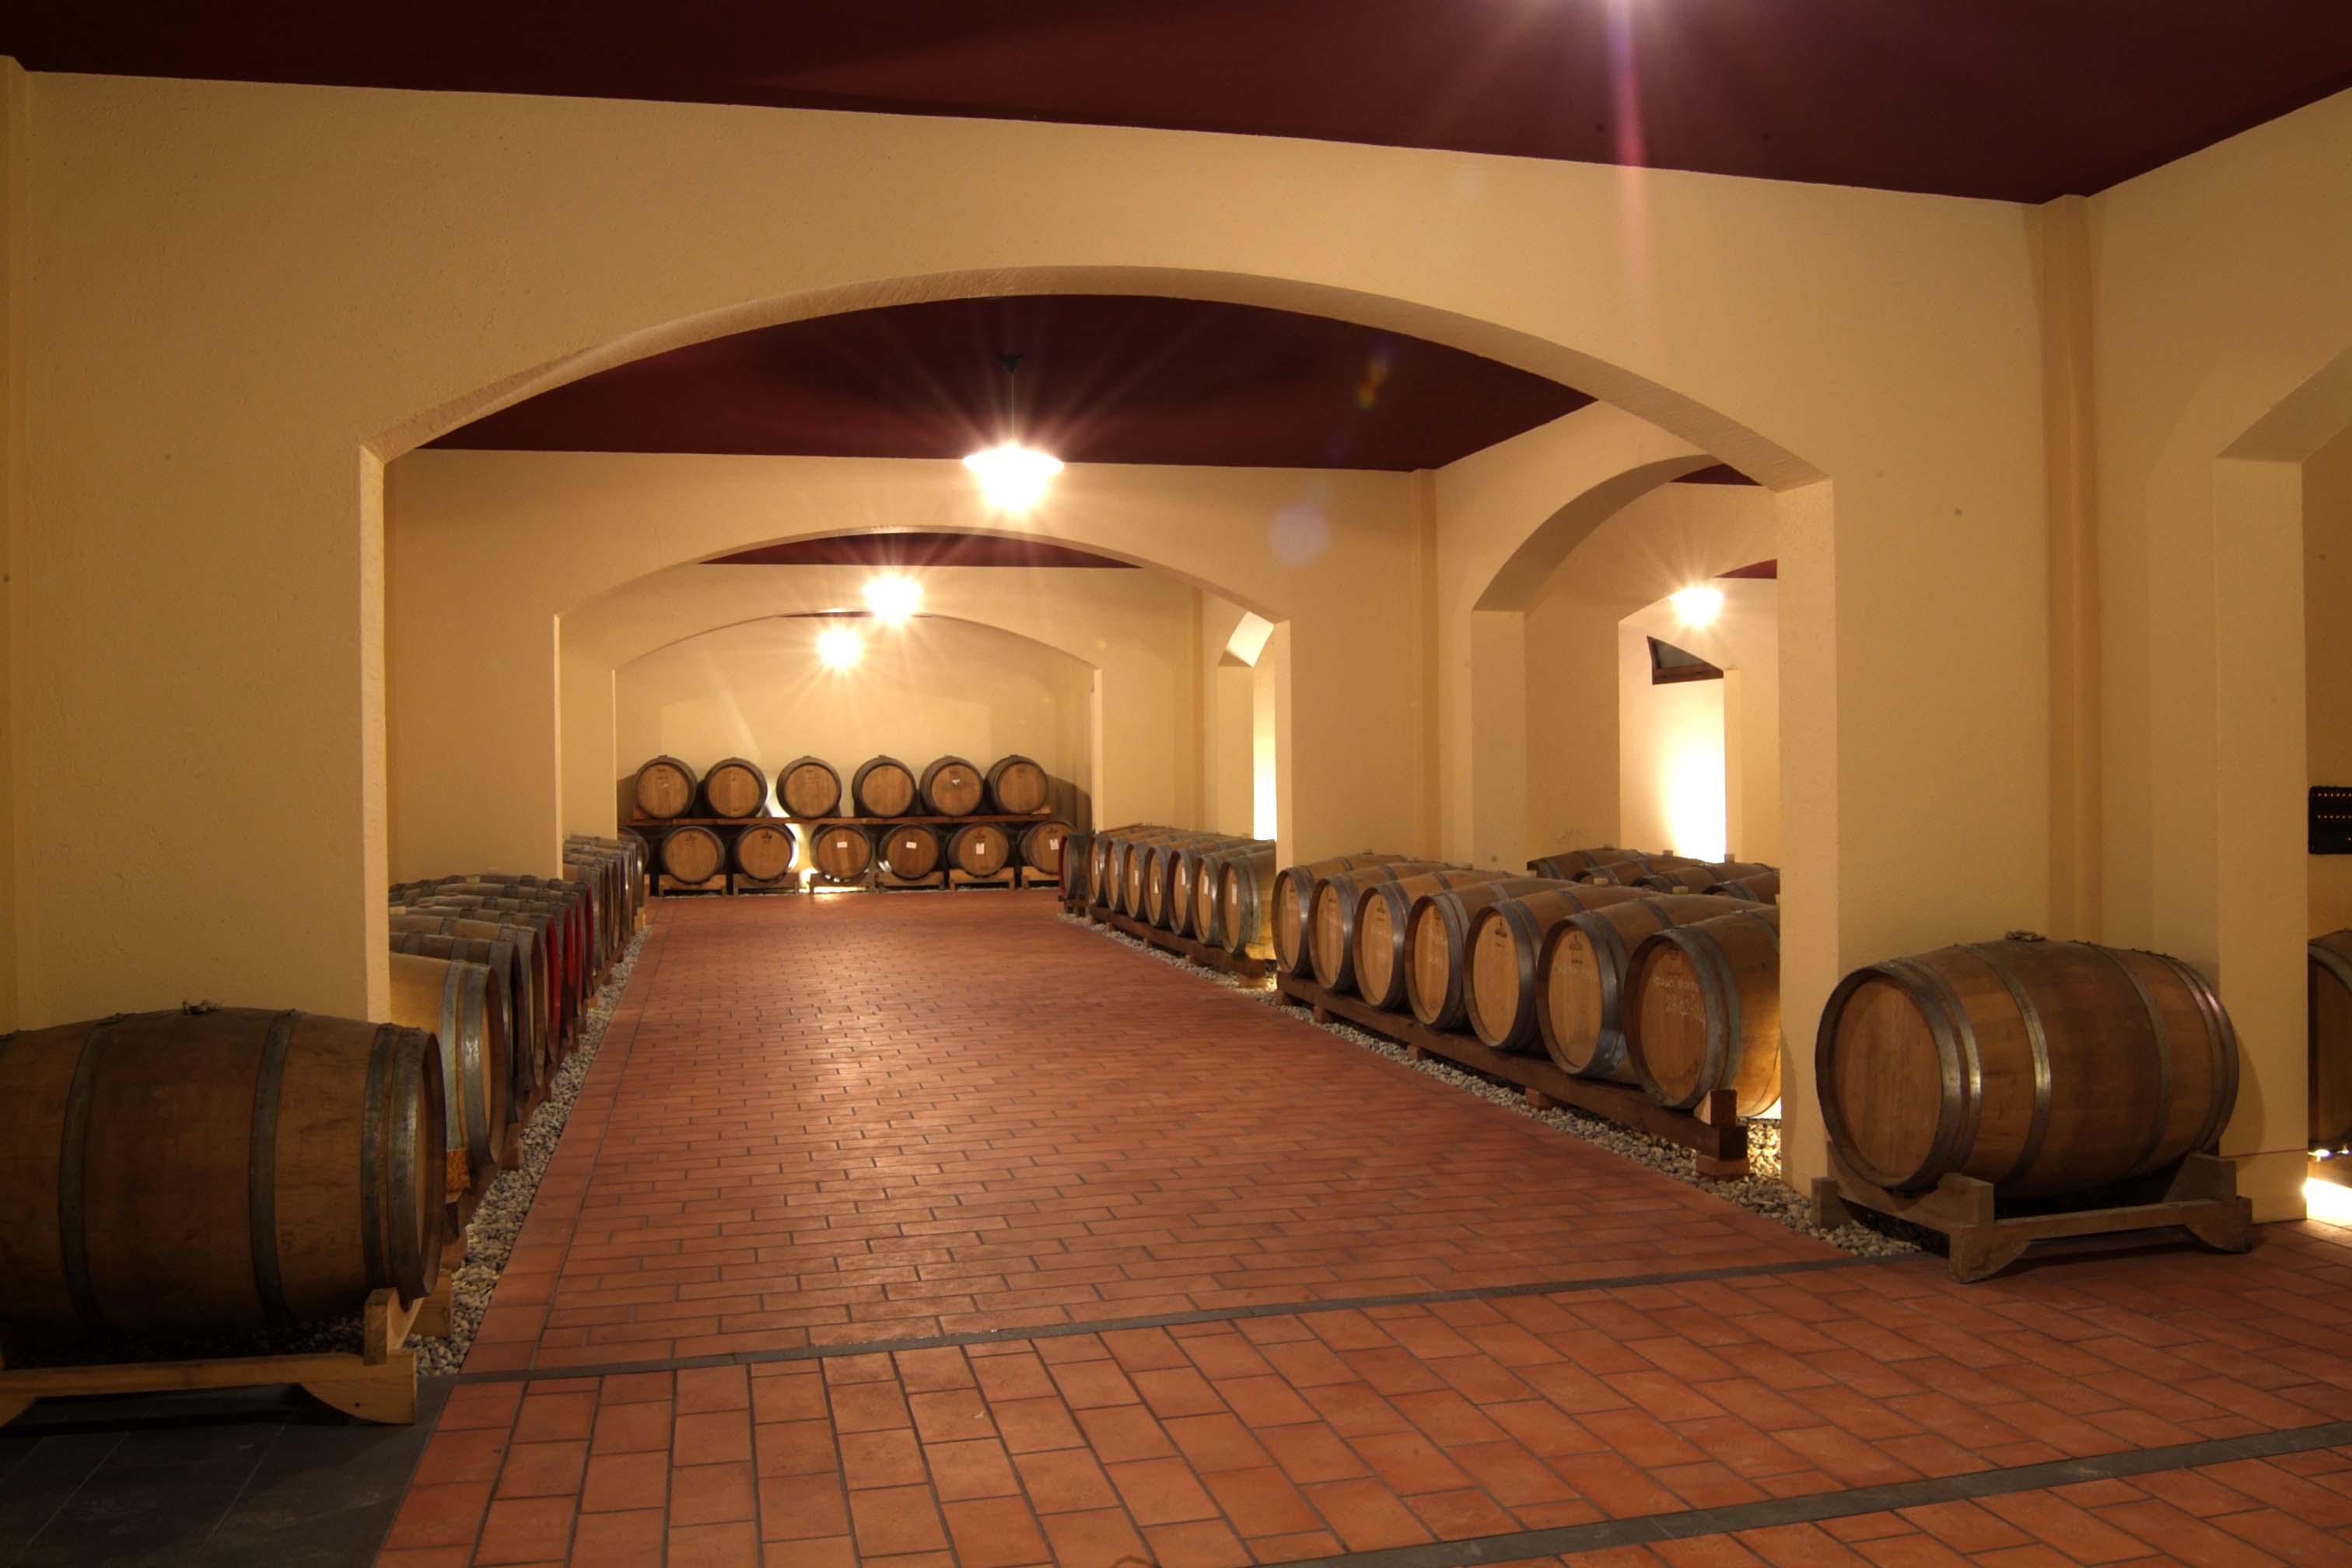 Barricaia per l'affinamento in barriques dei vini a agricoltura biologica dell'Azienda Agricola e Carine di Belfiore di Pramaggiore, Venezia